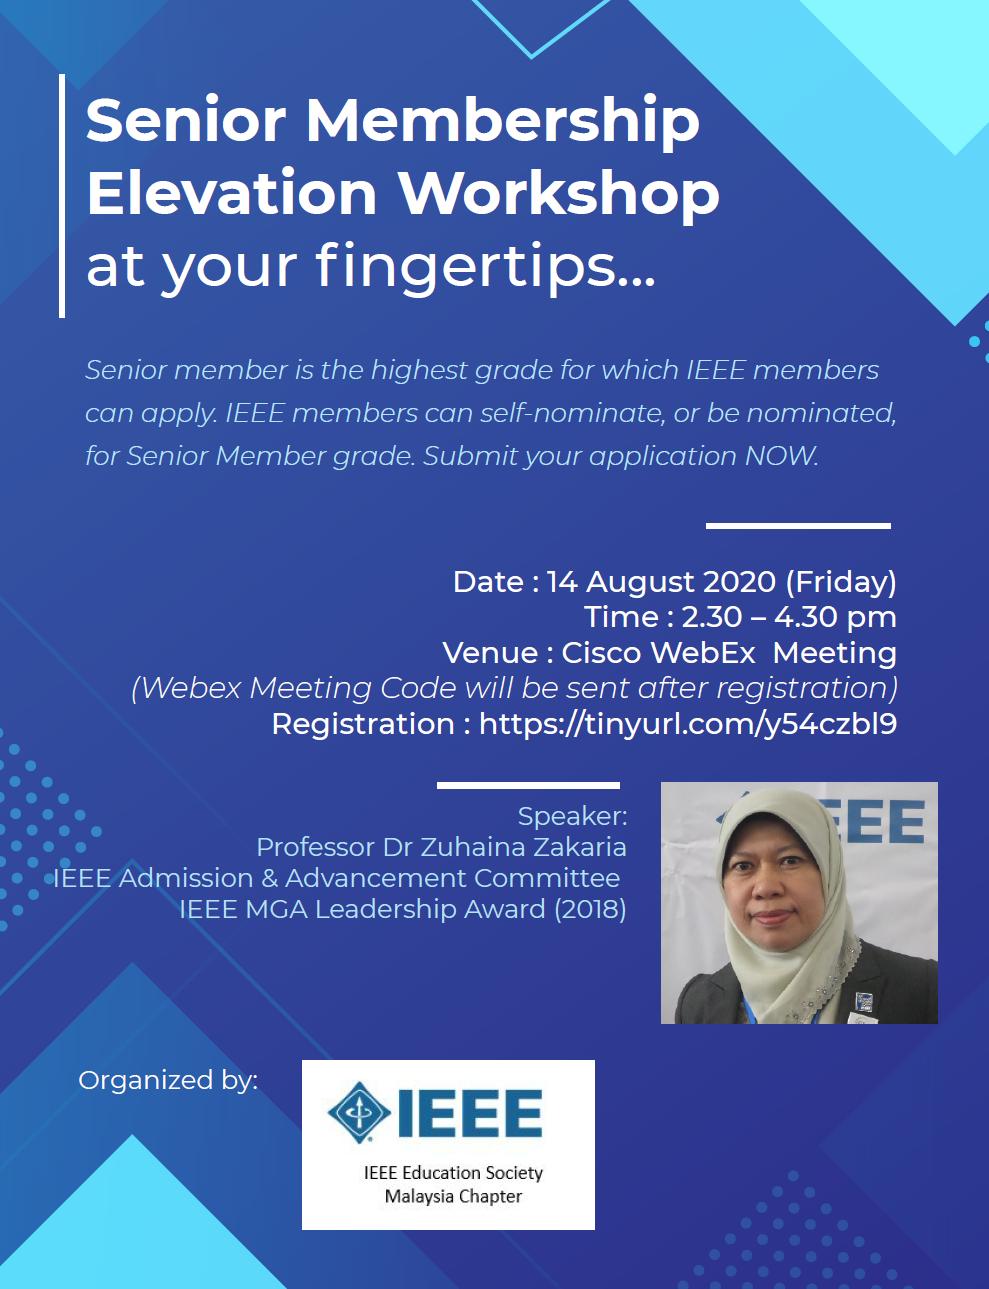 IEEE SENIOR MEMBER ELEVATION WORKSHOP